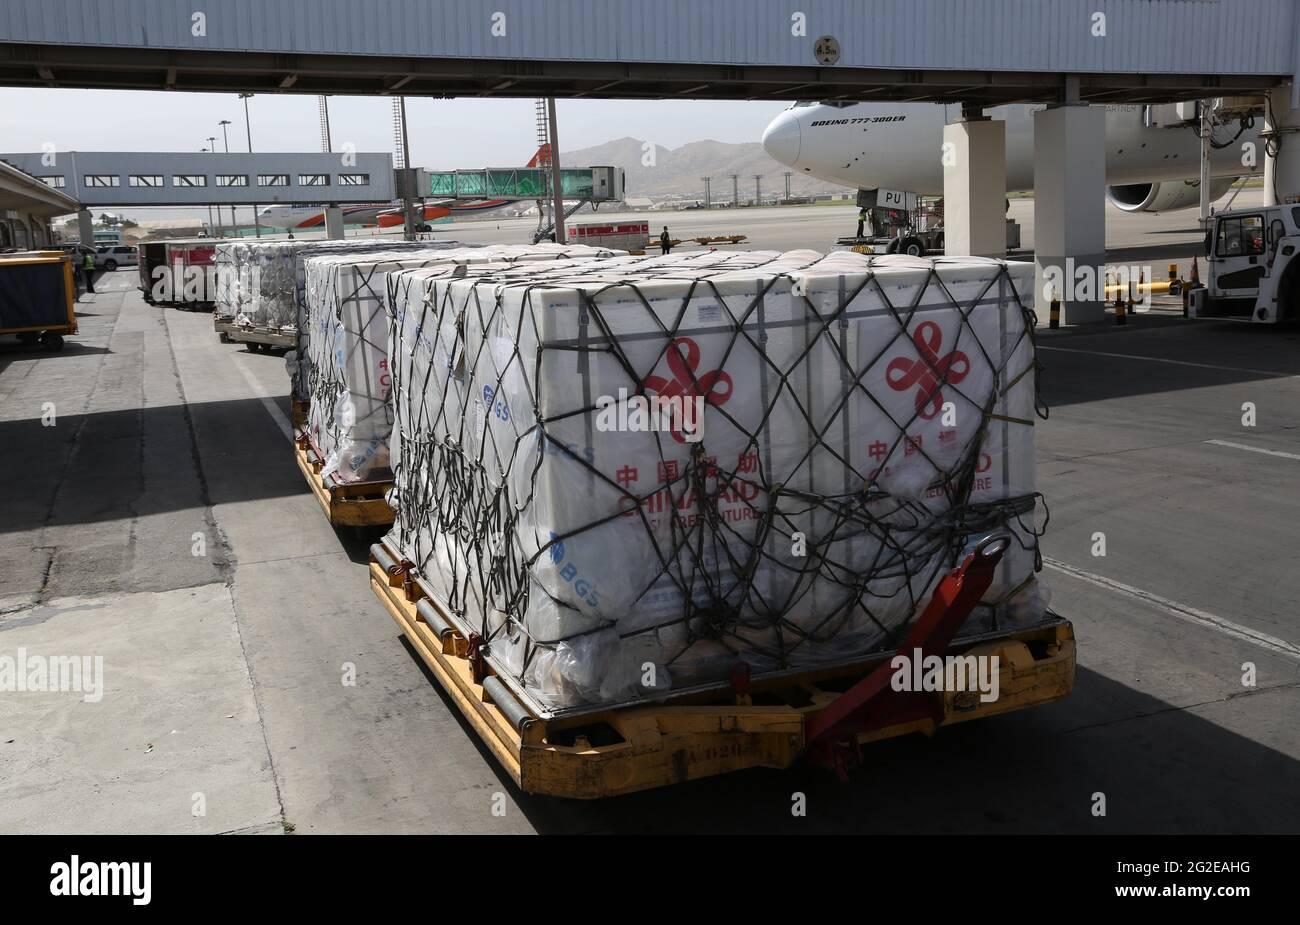 Kabul, Afganistán. 10th de junio de 2021. Foto tomada el 10 de junio de 2021 muestra paquetes de vacunas chinas COVID-19 que llegan al Aeropuerto Internacional Hamid Kazia en Kabul, capital de Afganistán. Un lote de vacunas COVID-19 donadas por el gobierno chino llegó a Kabul, la capital de Afganistán el jueves. Crédito: Rahmatullah Alizadah/Xinhua/Alamy Live News Foto de stock